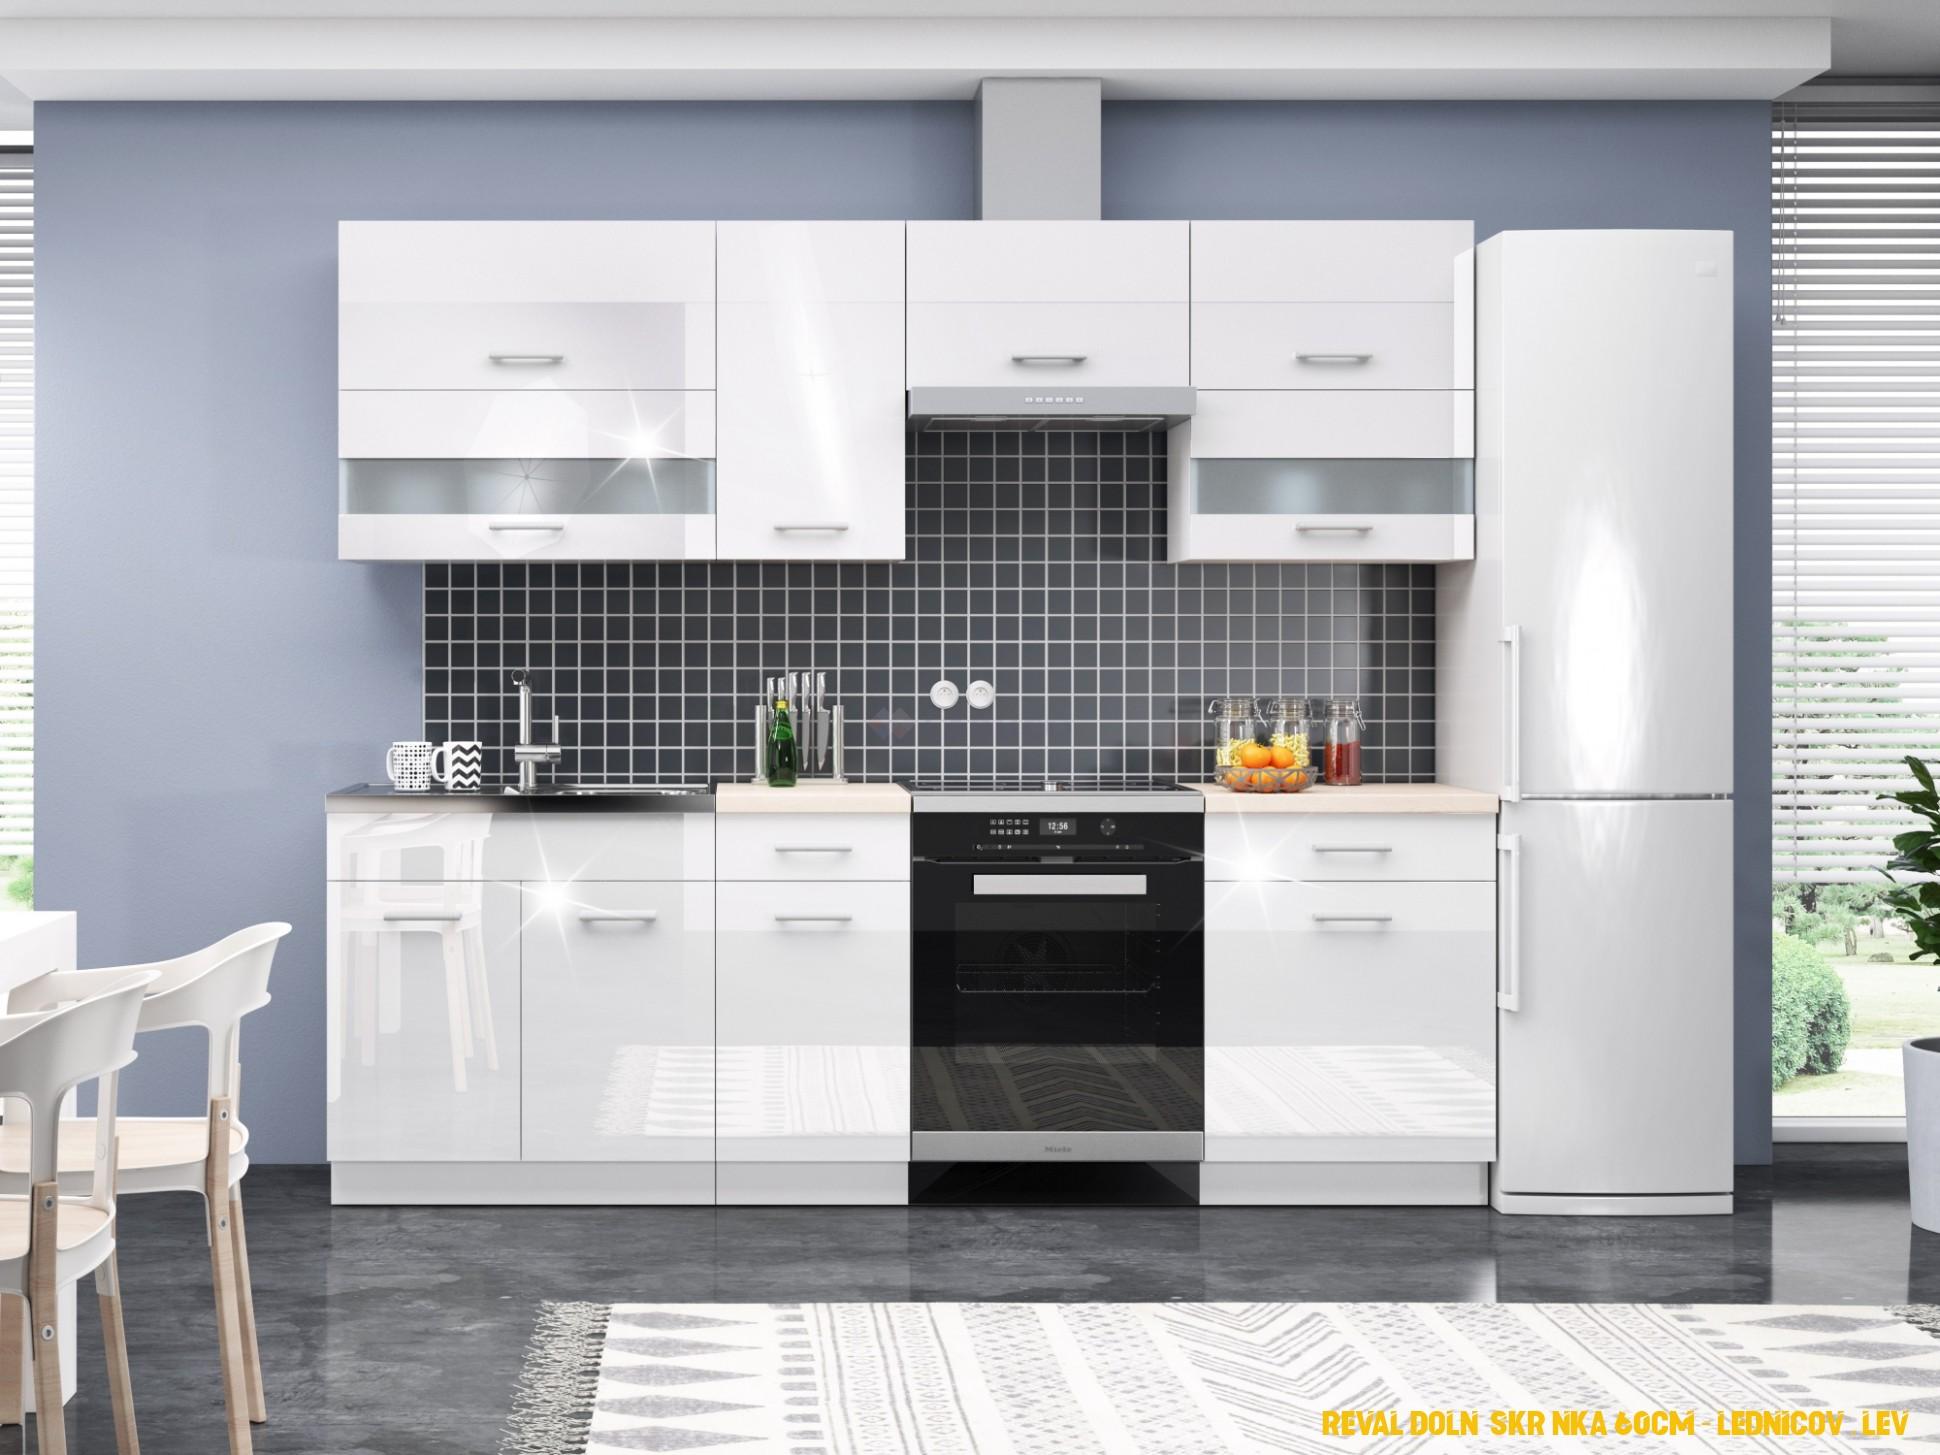 Moderní kuchyně INGURI 4/4 cm v barvě korpusu bílý mat a dvířka bílý  lesk